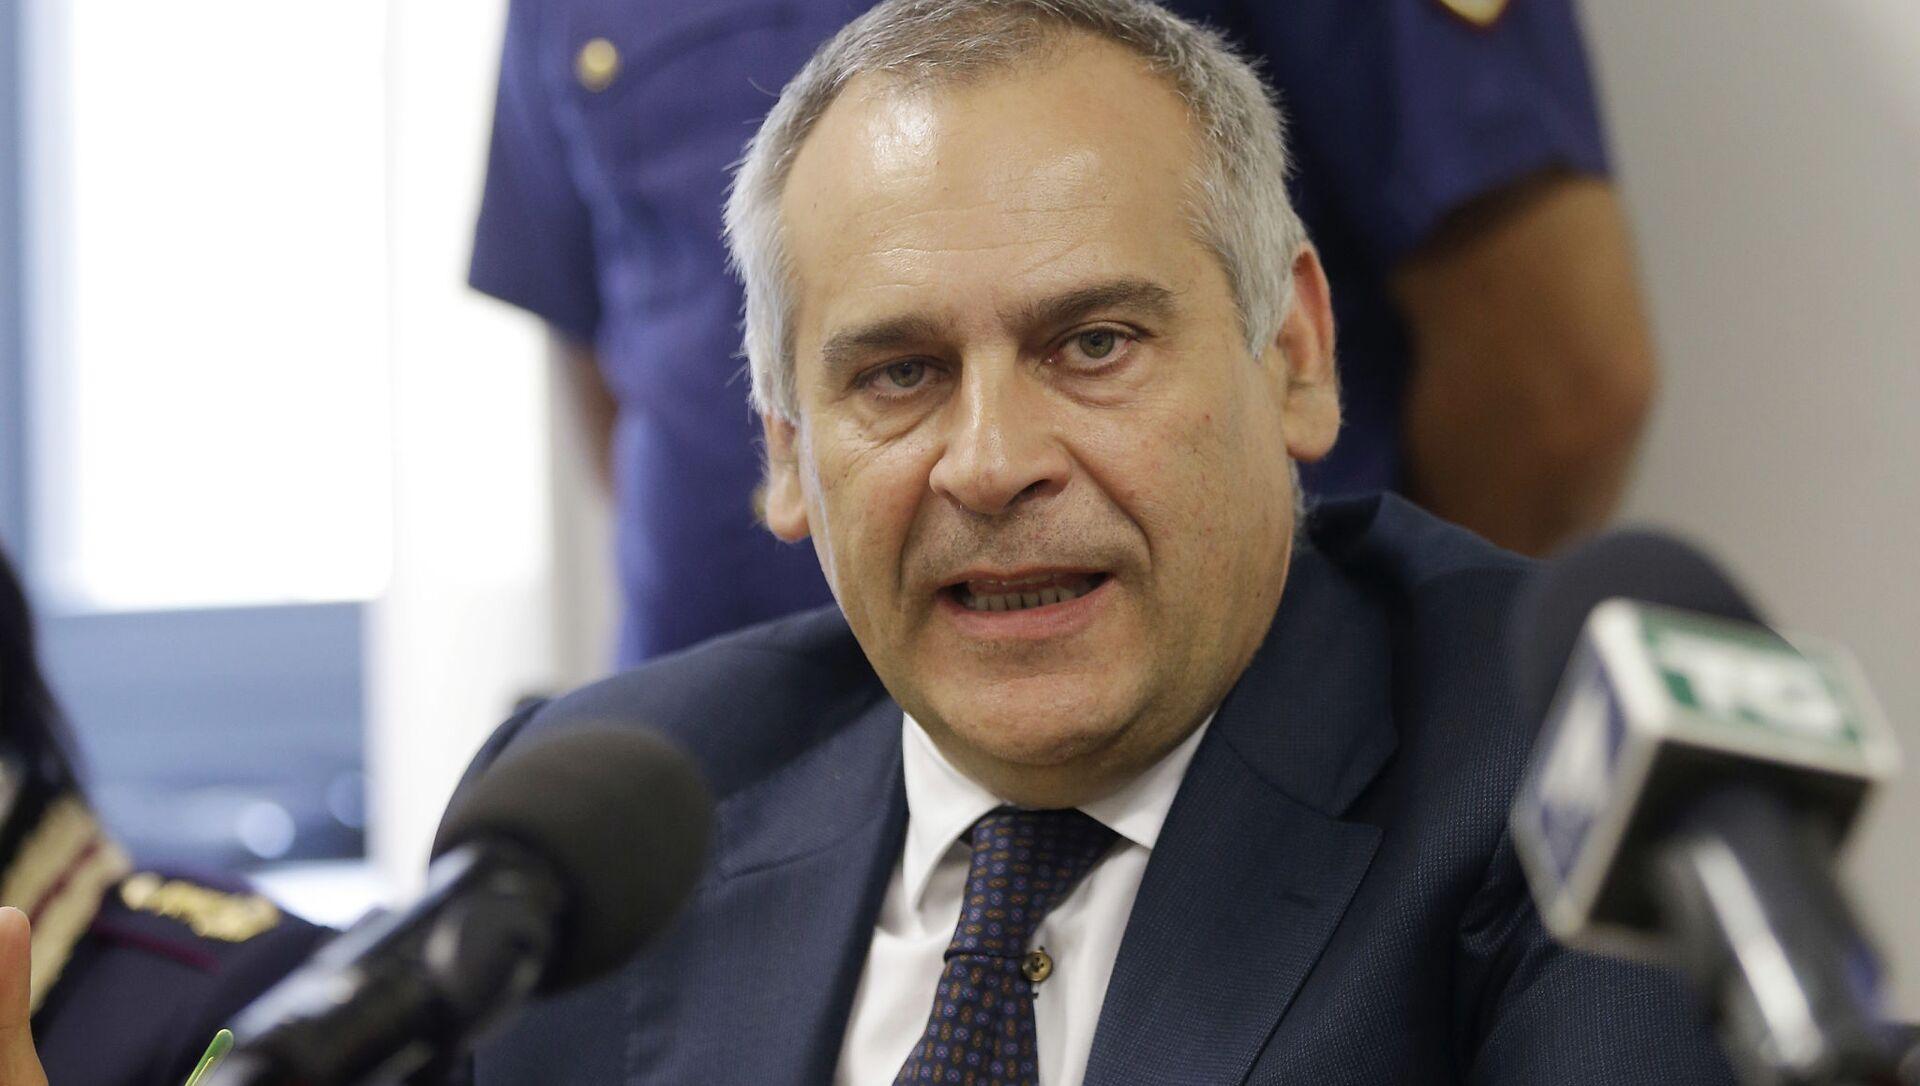 Lamberto Giannini, il capo della polizia - Sputnik Italia, 1920, 04.03.2021